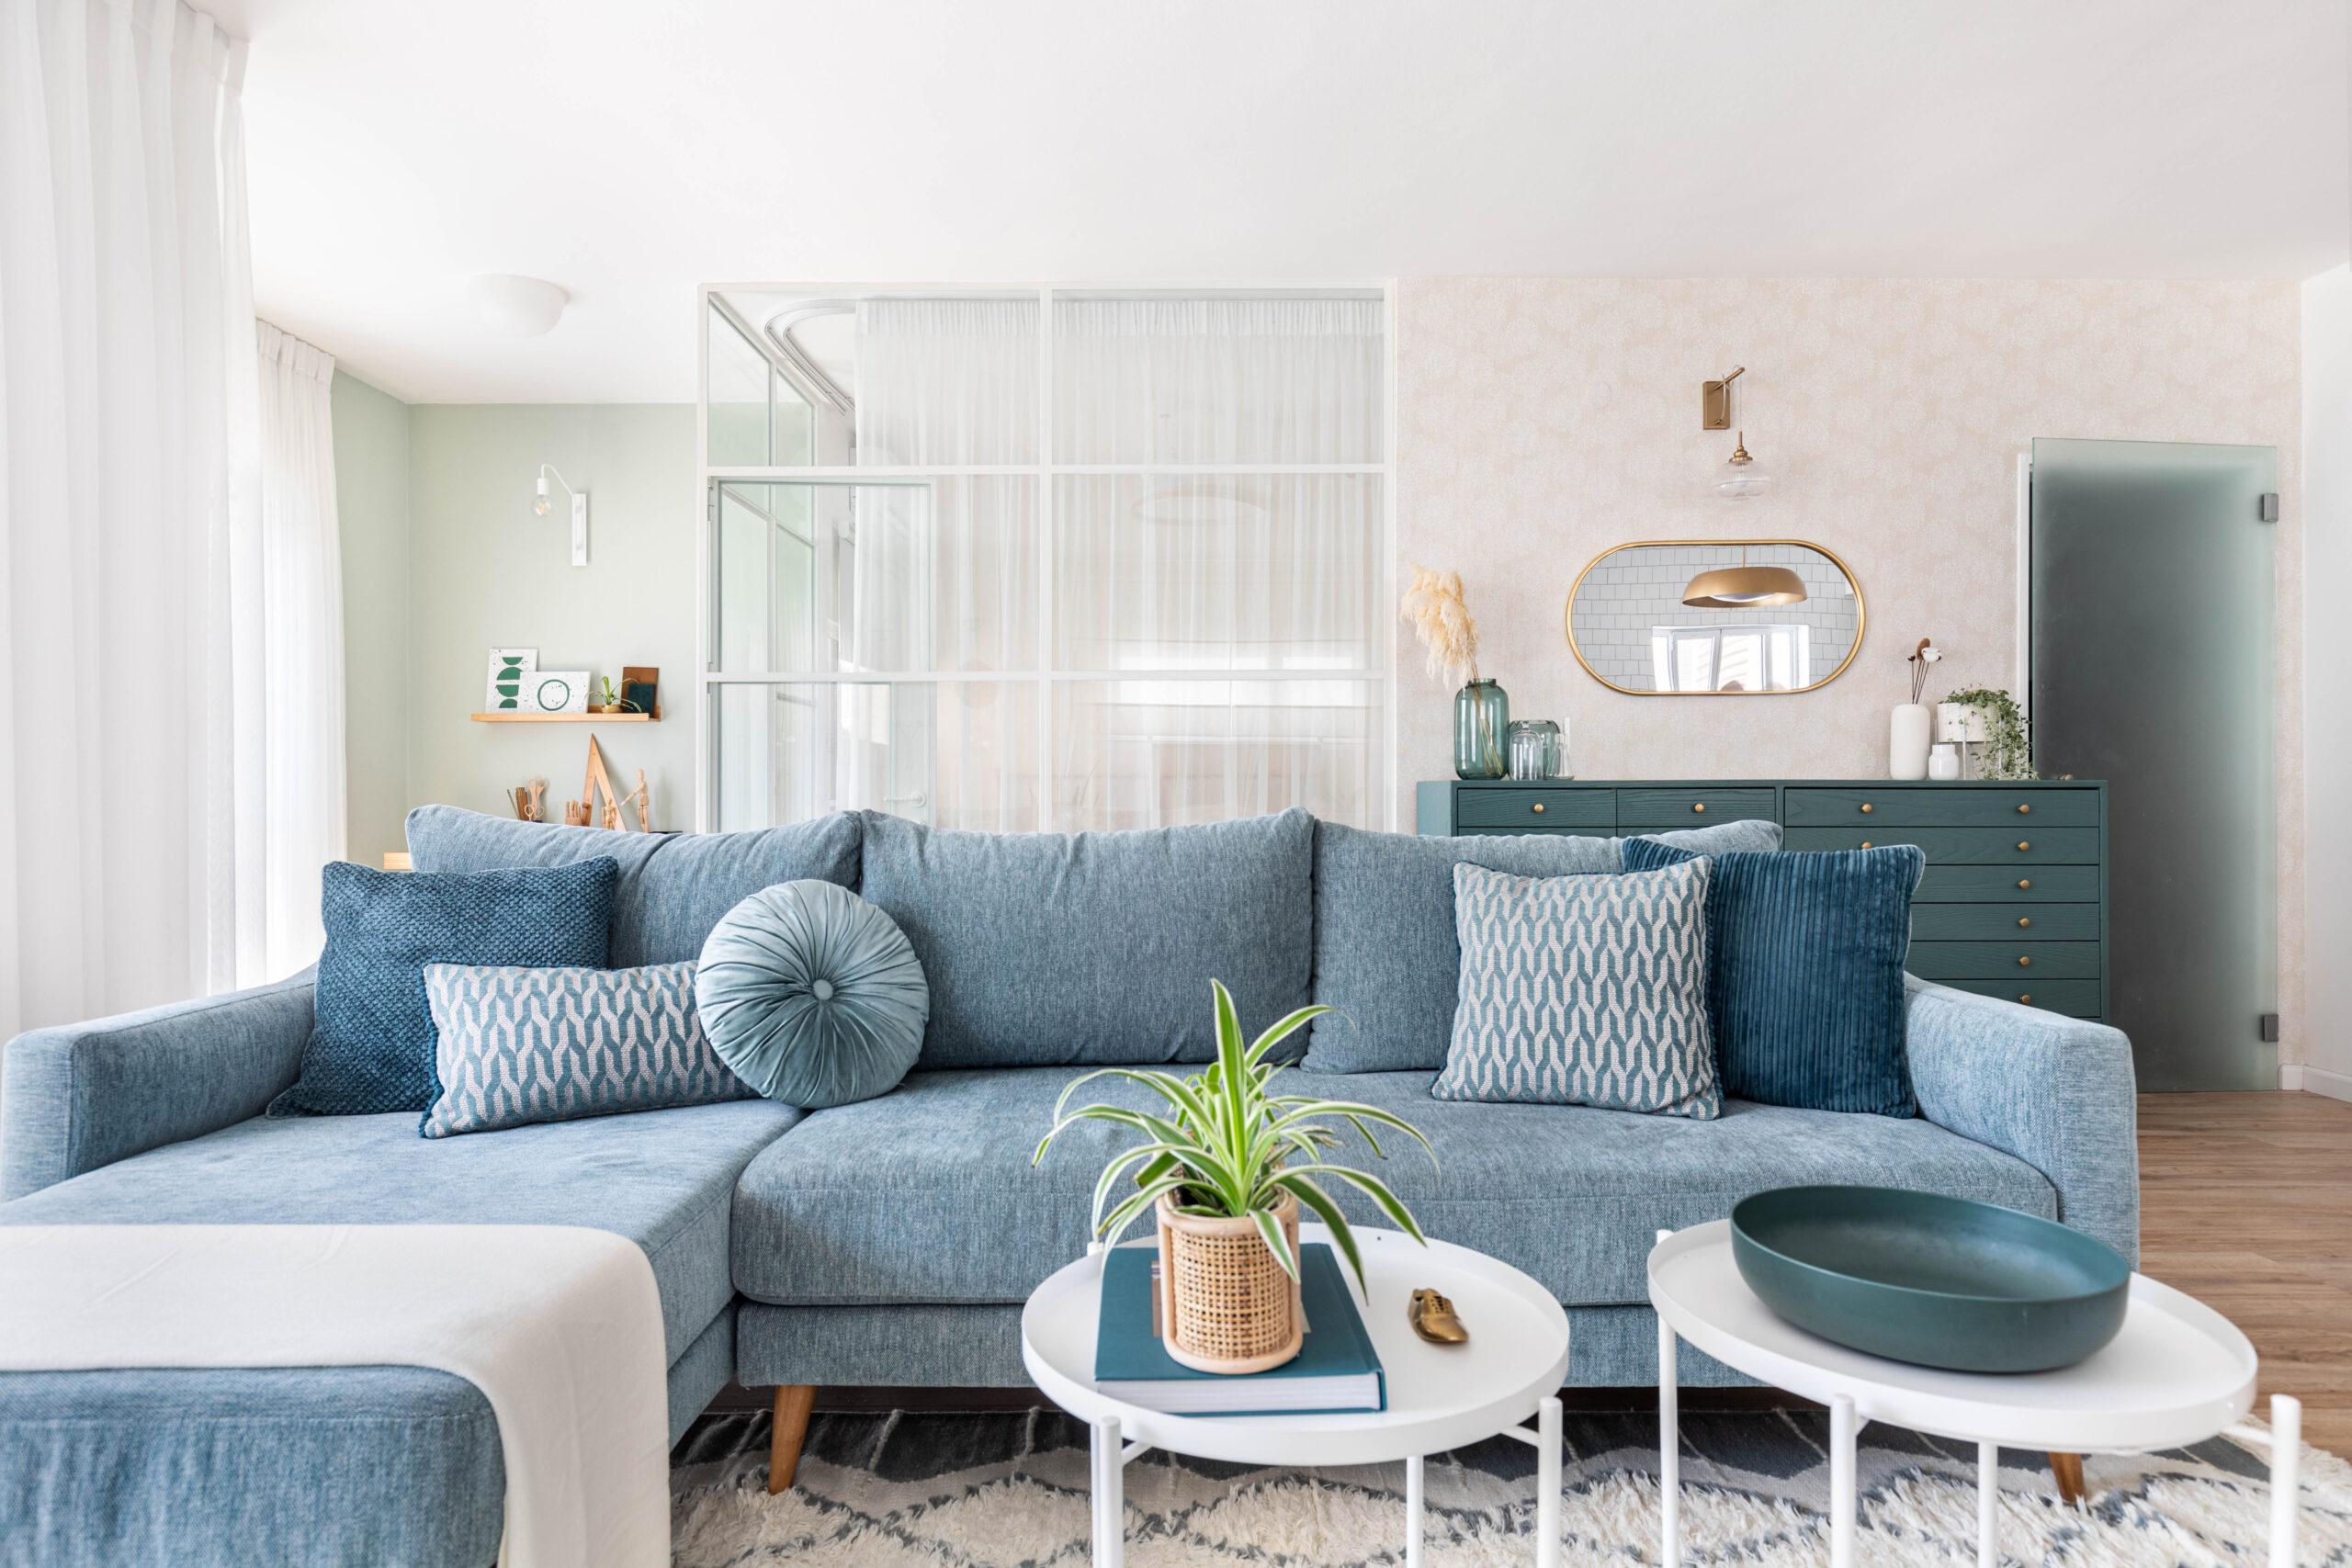 דירה בתל אביב | משפחת מורג | לימור אורן עיצוב פנים והום סטיילינג